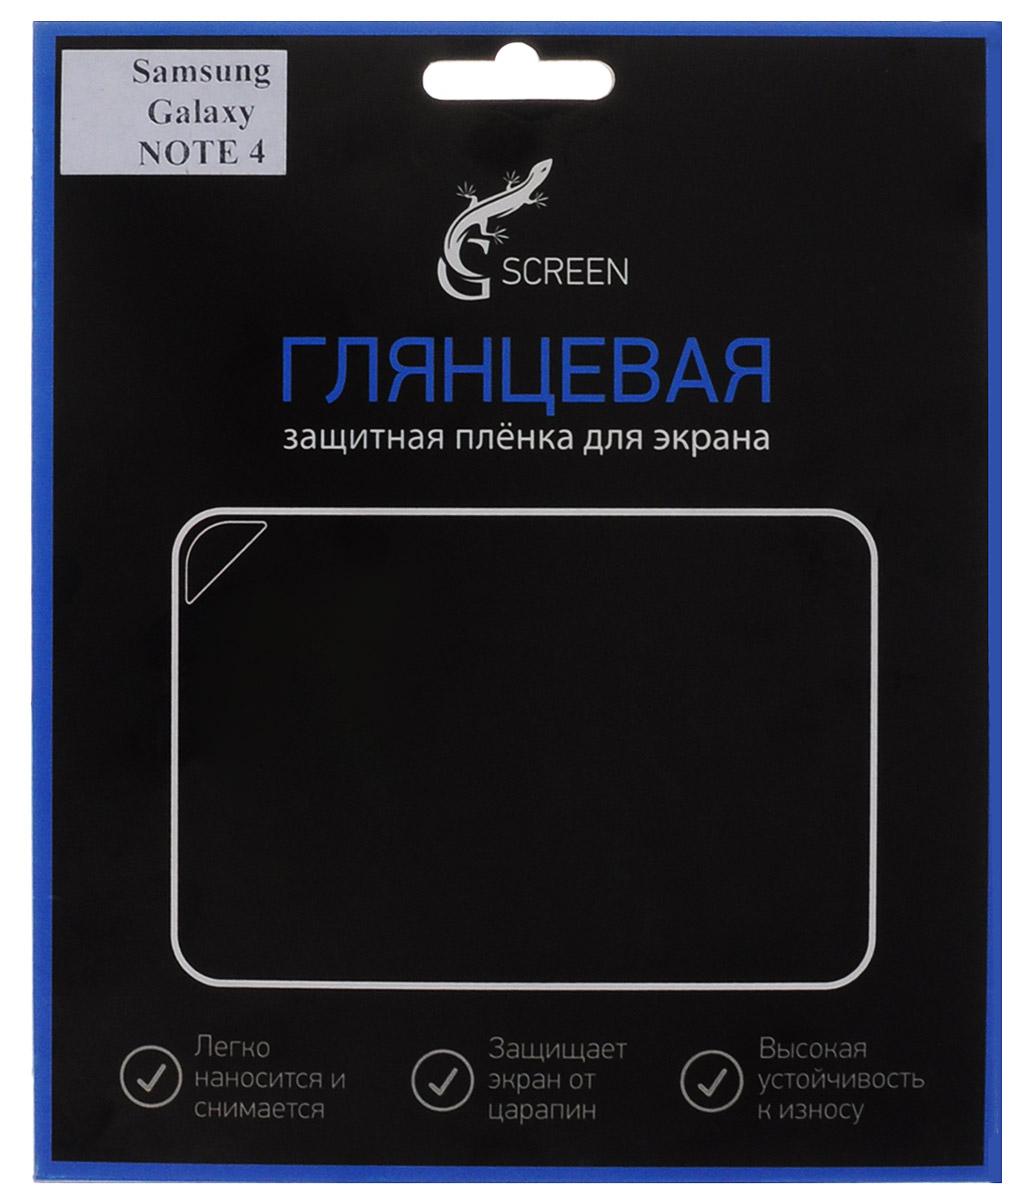 G-Screen защитная пленка для Samsung Galaxy Note 4, глянцеваяGG-563Последние модели планшетов и смартфонов от Samsung обладают рядом уникальных функциональных возможностей, но как сохранить функциональность сенсорного дисплея, который позволяет пользователям одним движением пальца управлять целым устройством? Разумеется, необходимо купить защитную пленку G- Screen – для Samsung Galaxy Note 4. Учитывая востребованность продуктов данного бренда у российских потребителей, представлен широкий выбор изделий для моделей смартфонов и планшетов различных годов выпуска самых популярных линеек.